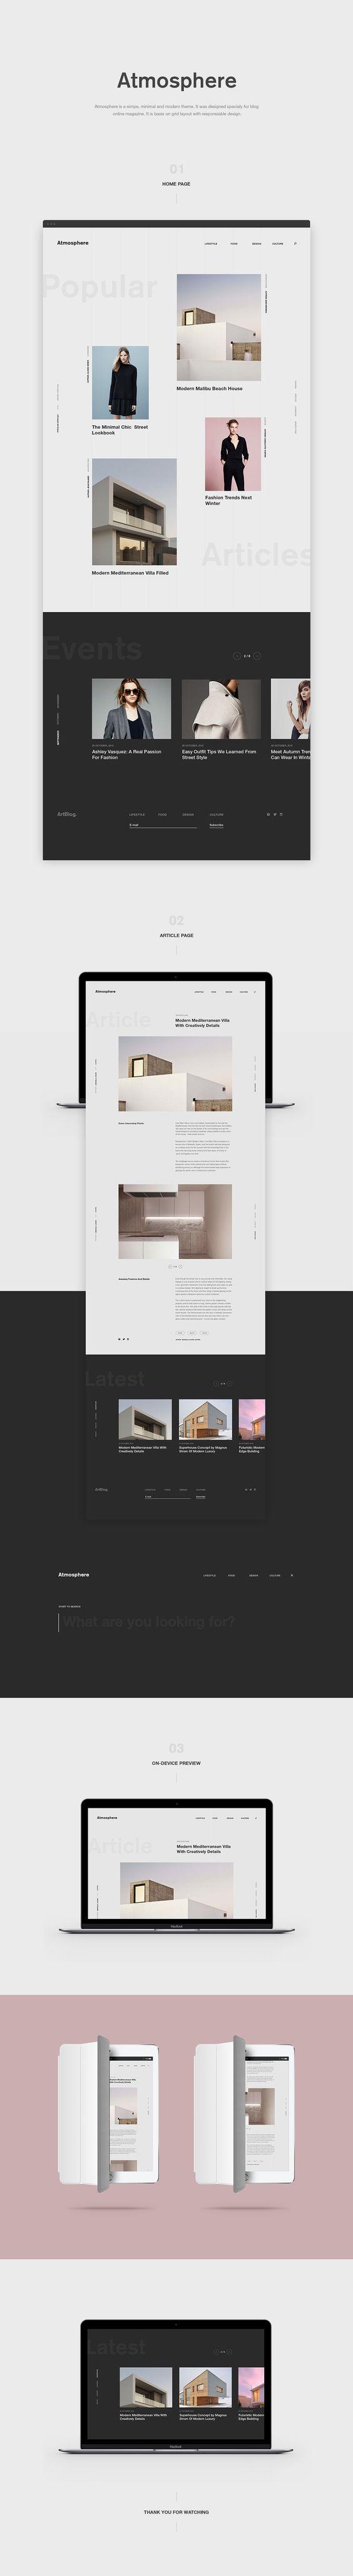 Atmosphere on Web Design Served